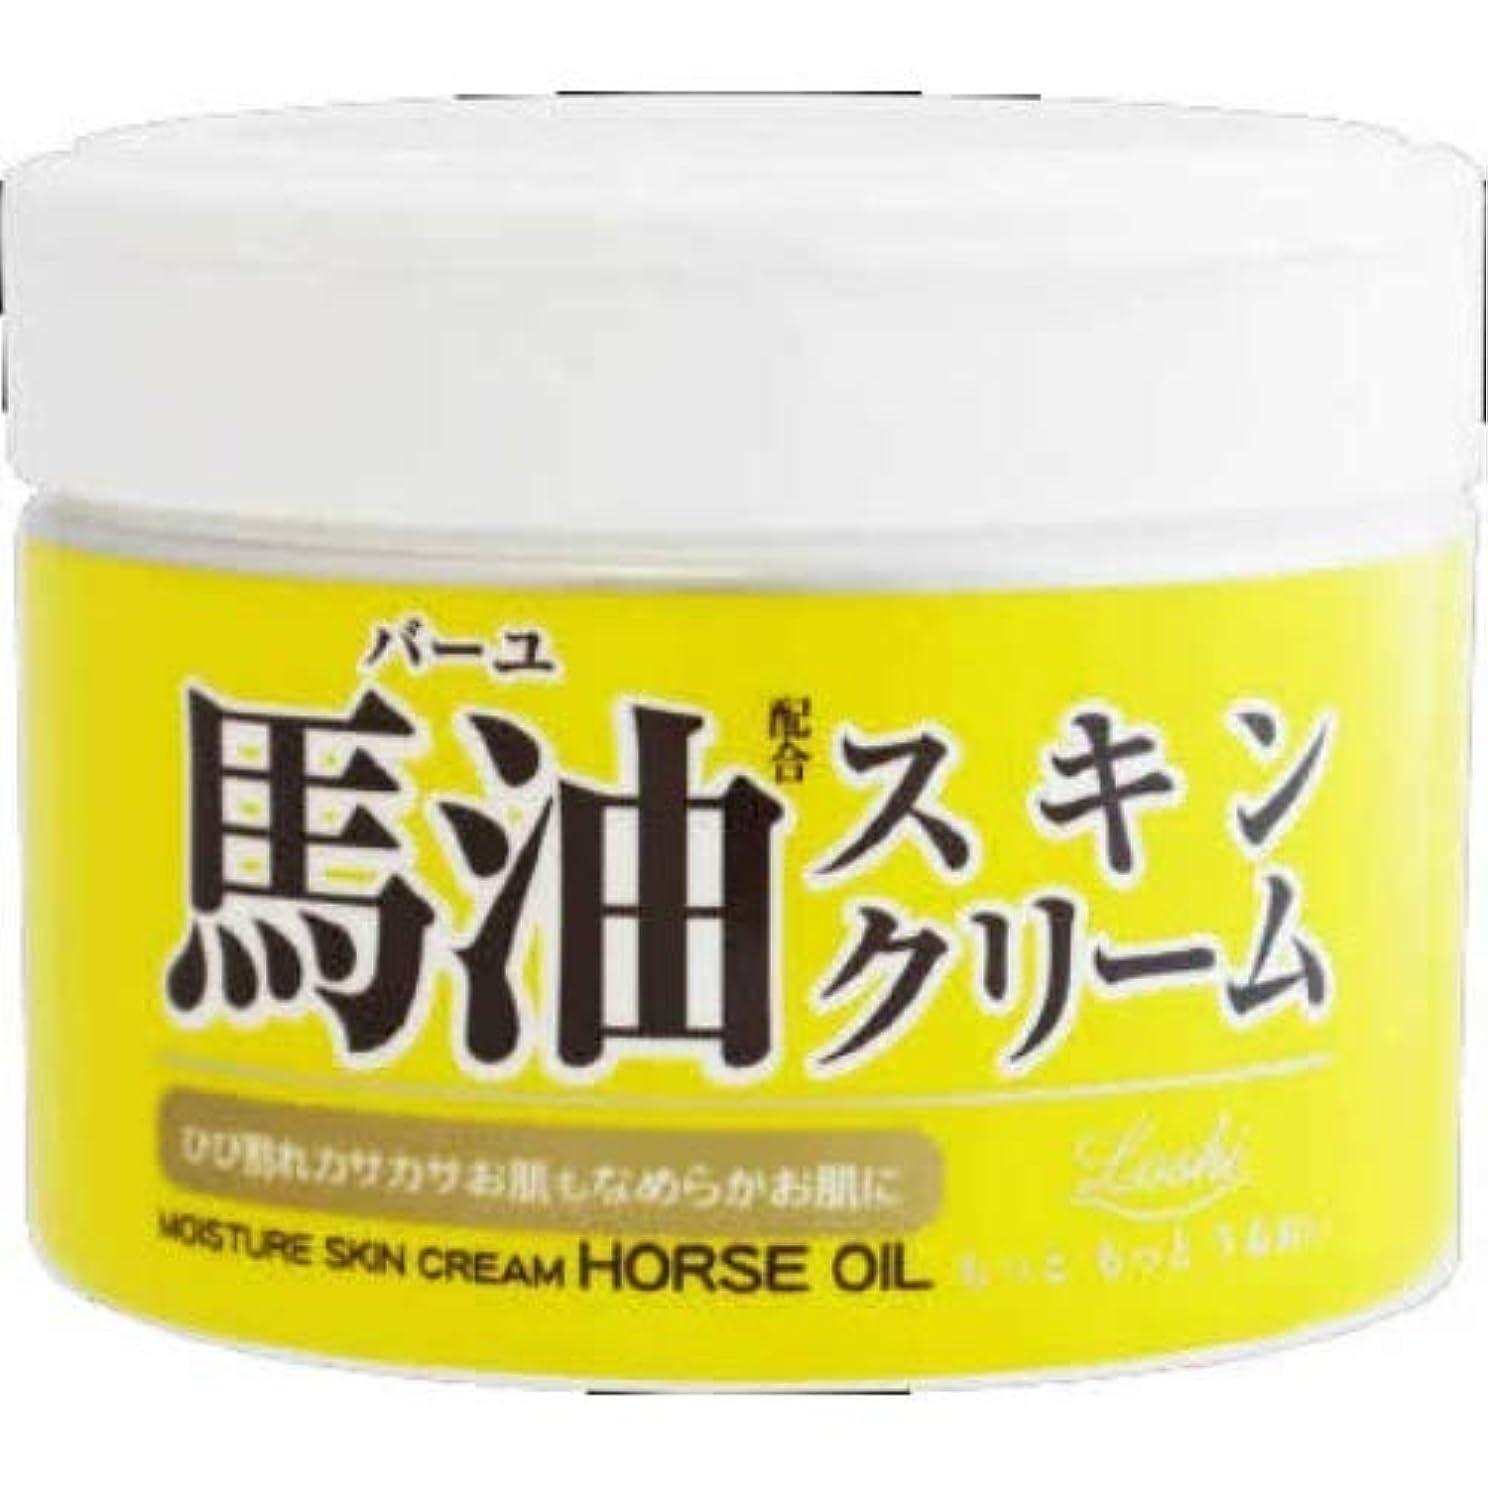 矢サイトタイトロッシモイストエイド 馬油スキンクリーム × 24個セット